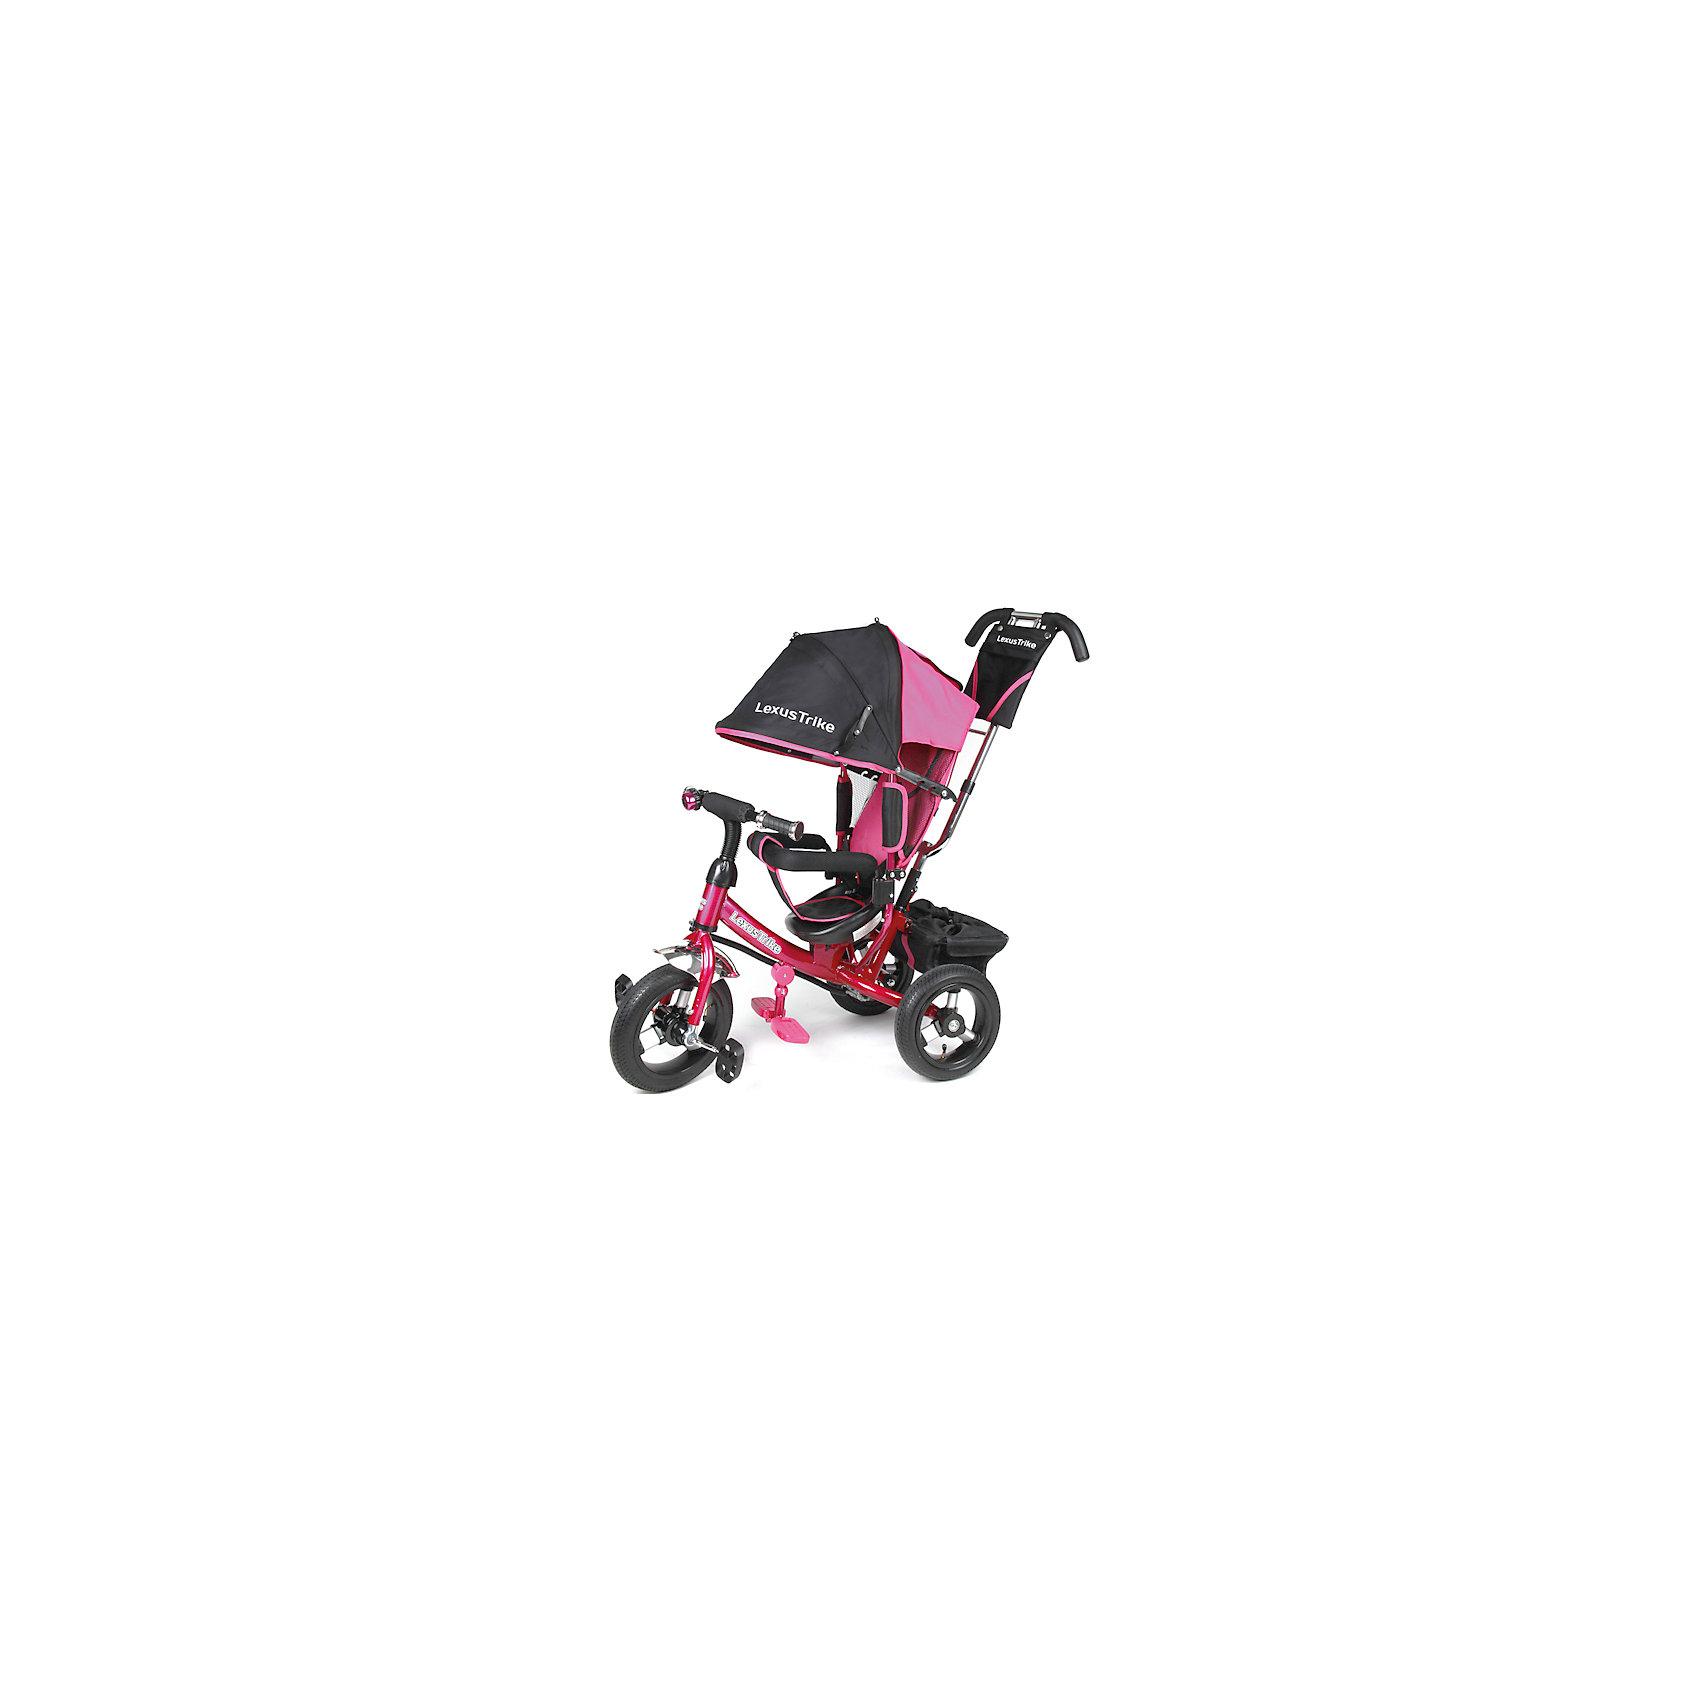 Трехколесный велосипед, с надувными колесами, розовый,  Super Trike